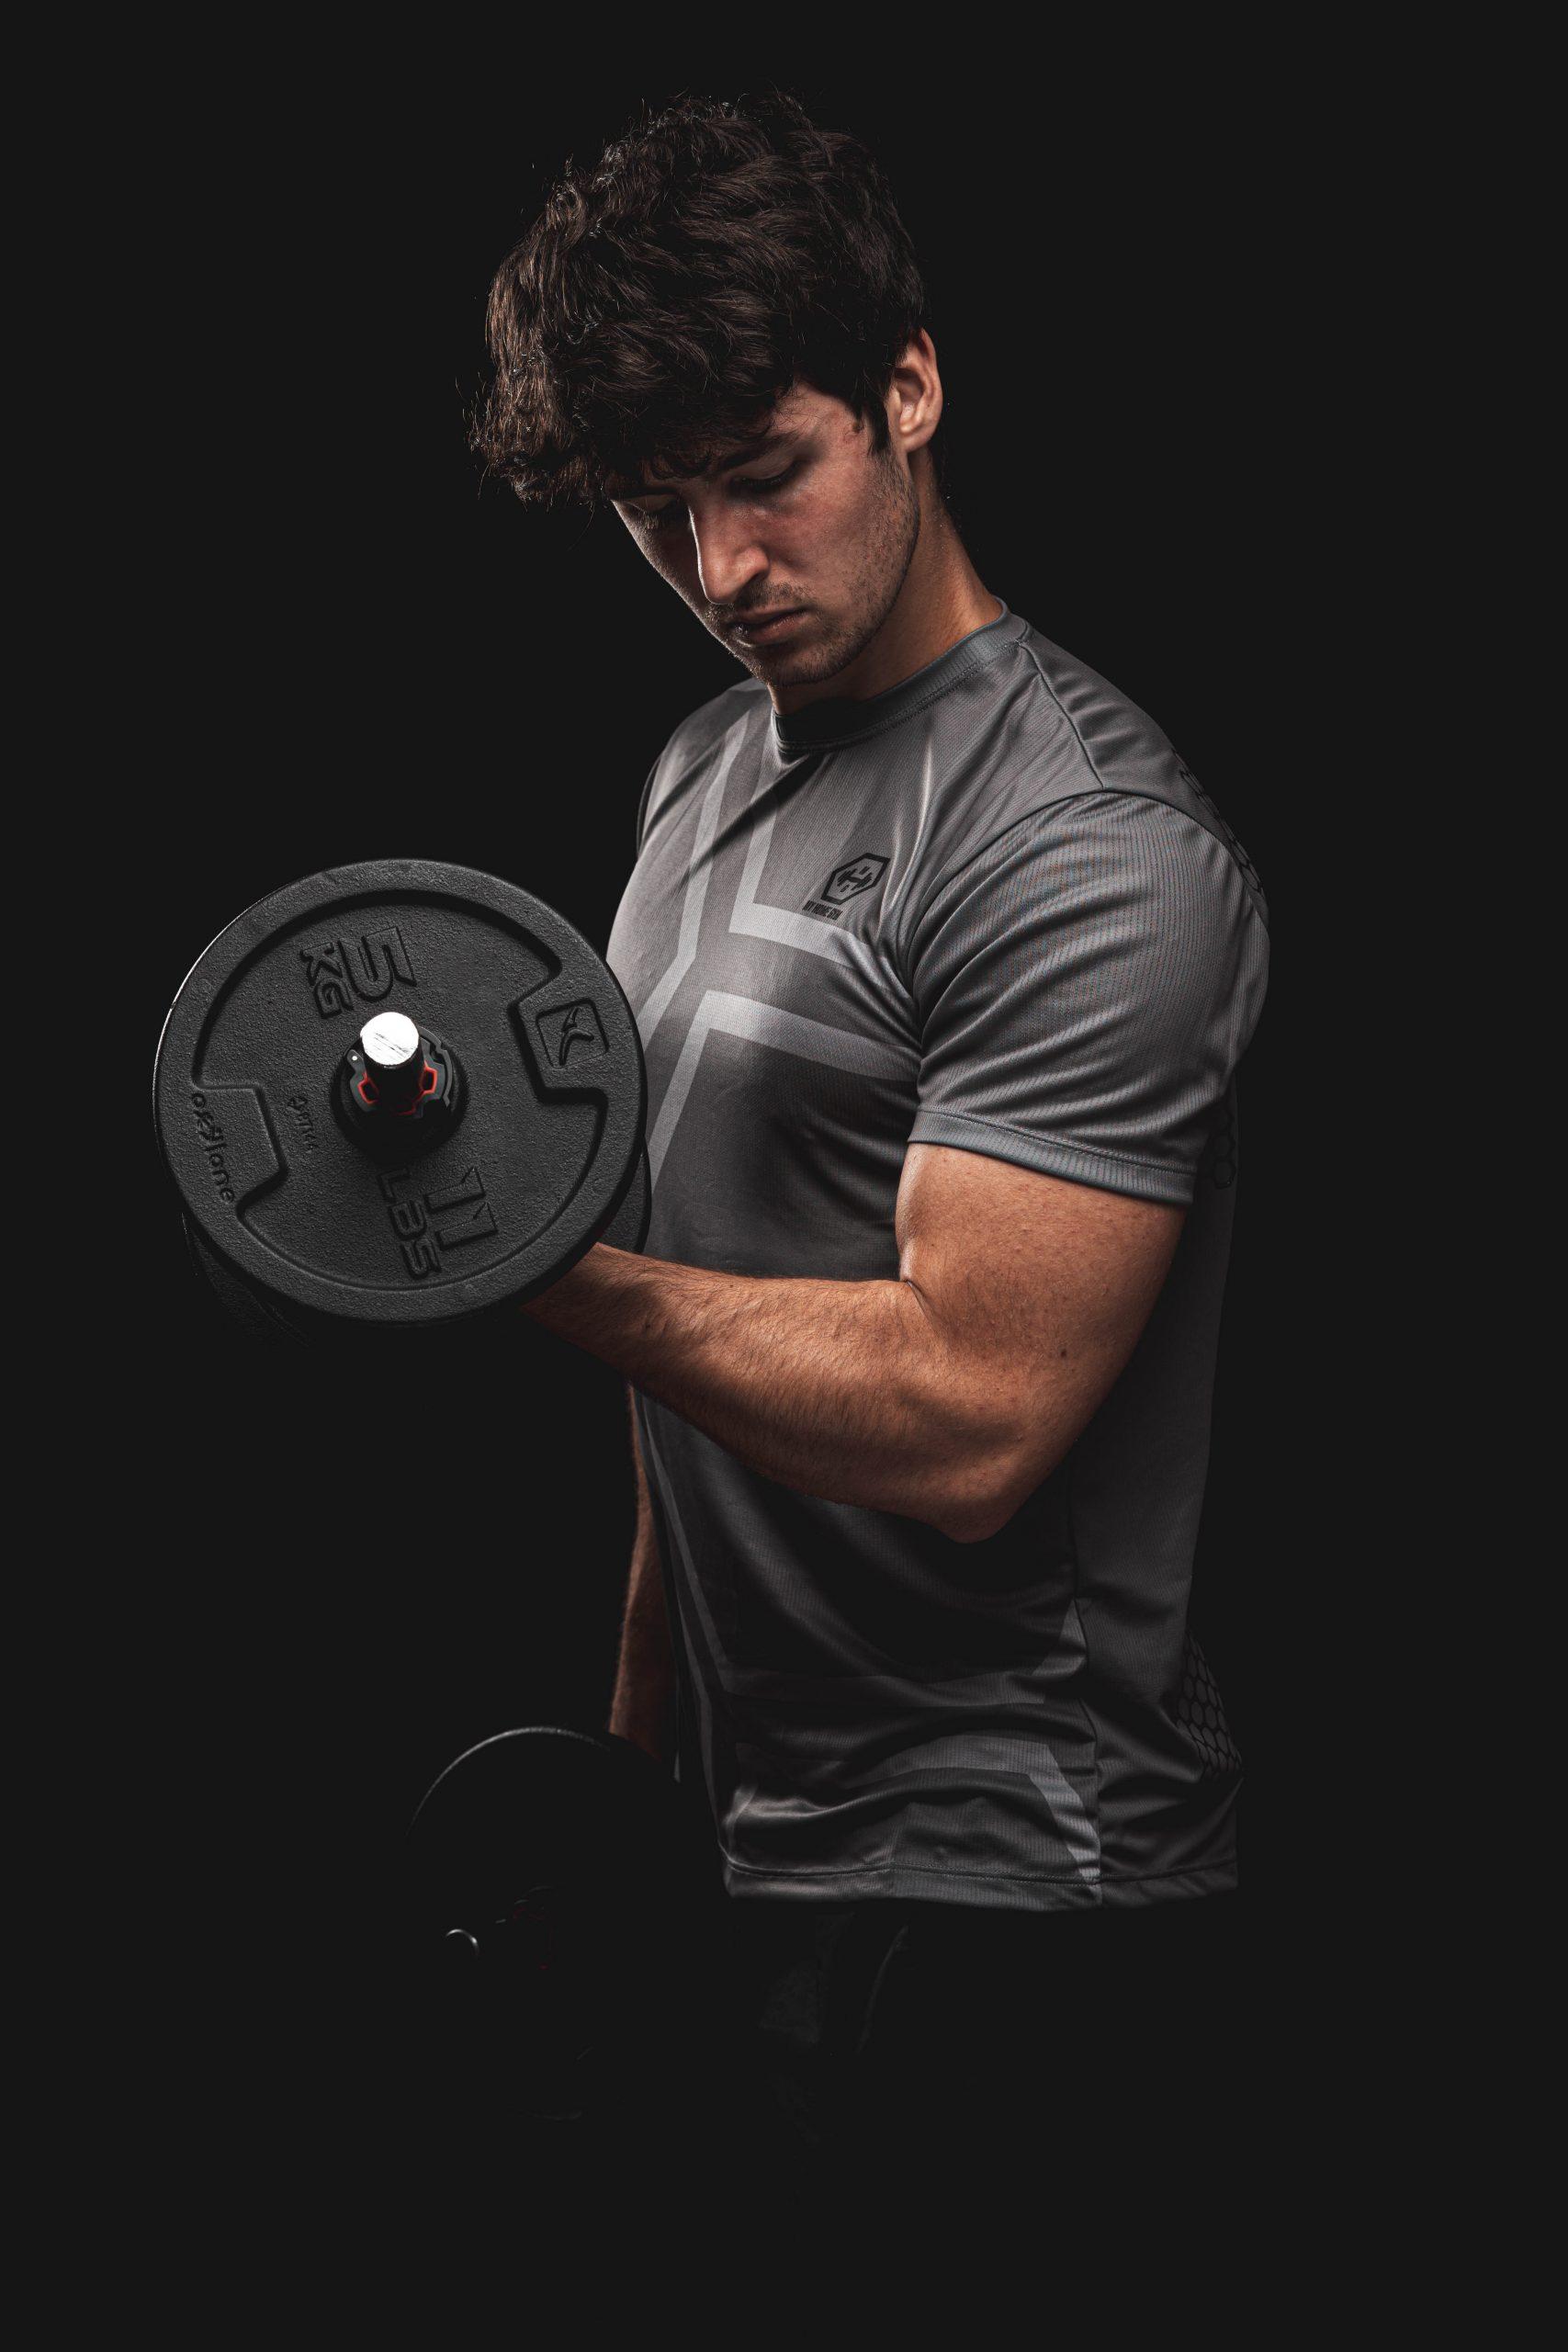 2021-09-14-Shooting My Home Gym (studio)-22 OK